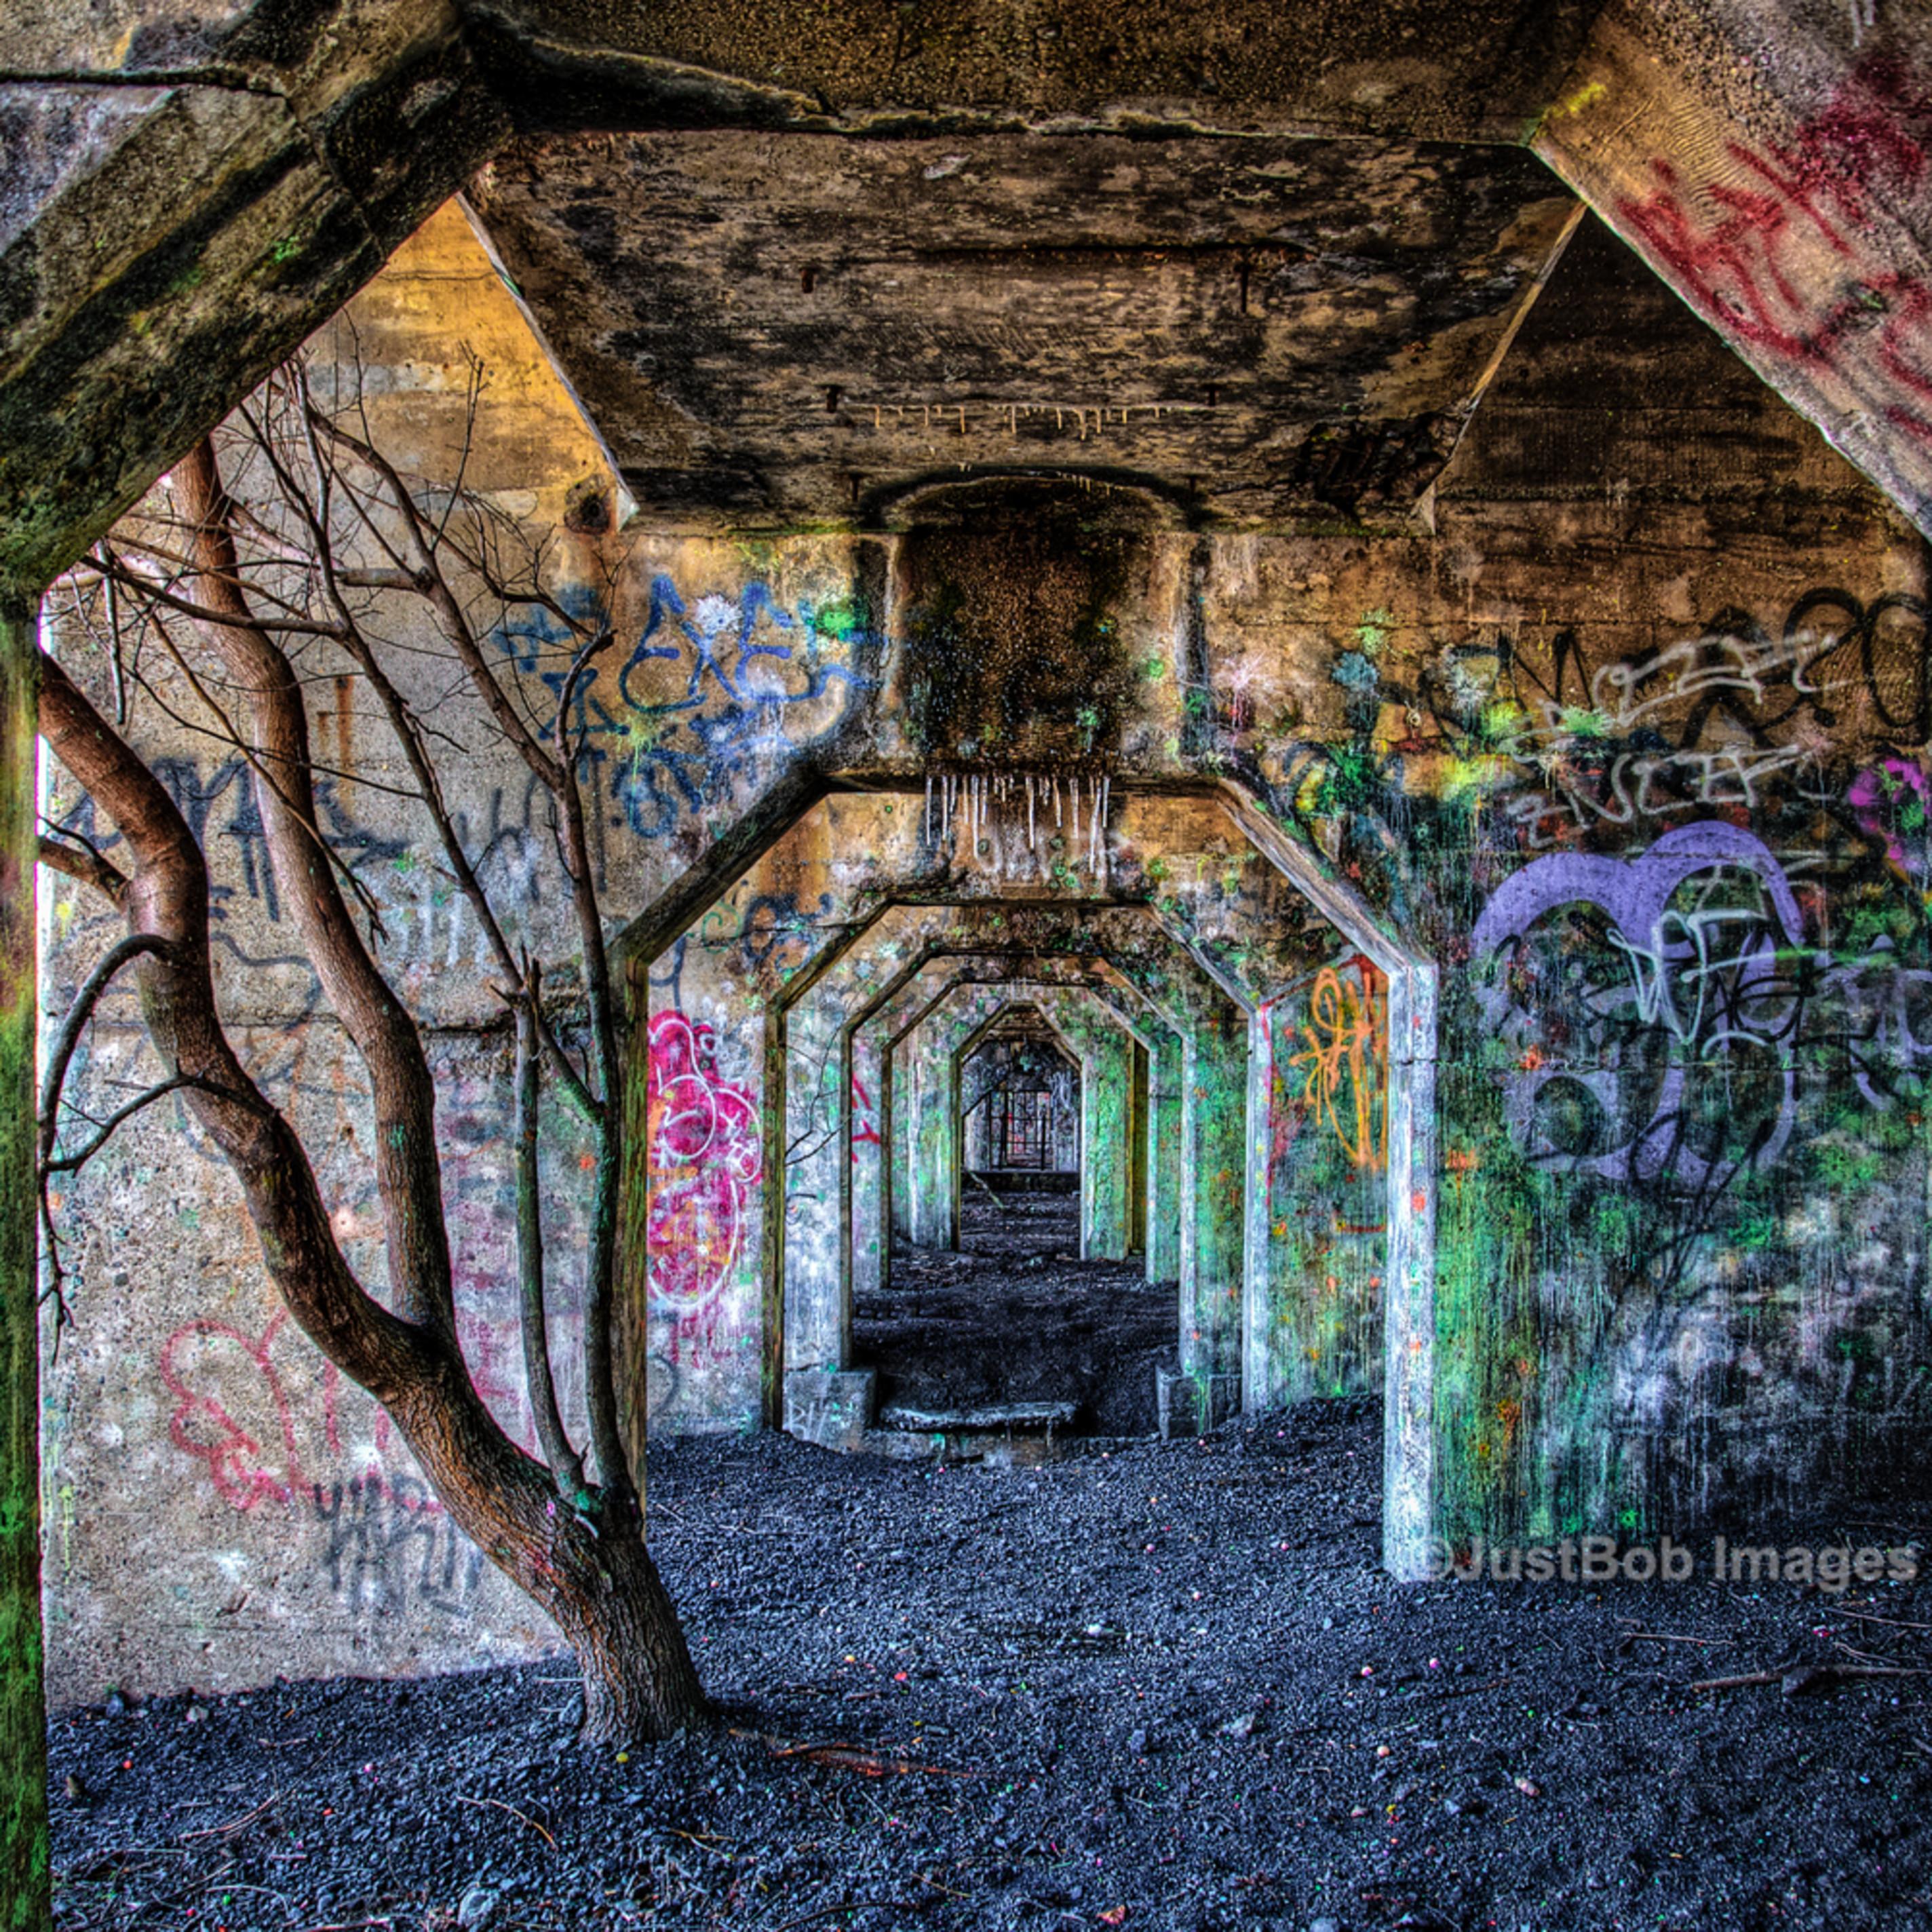 Graffiti 20081213 0133 xsbmey